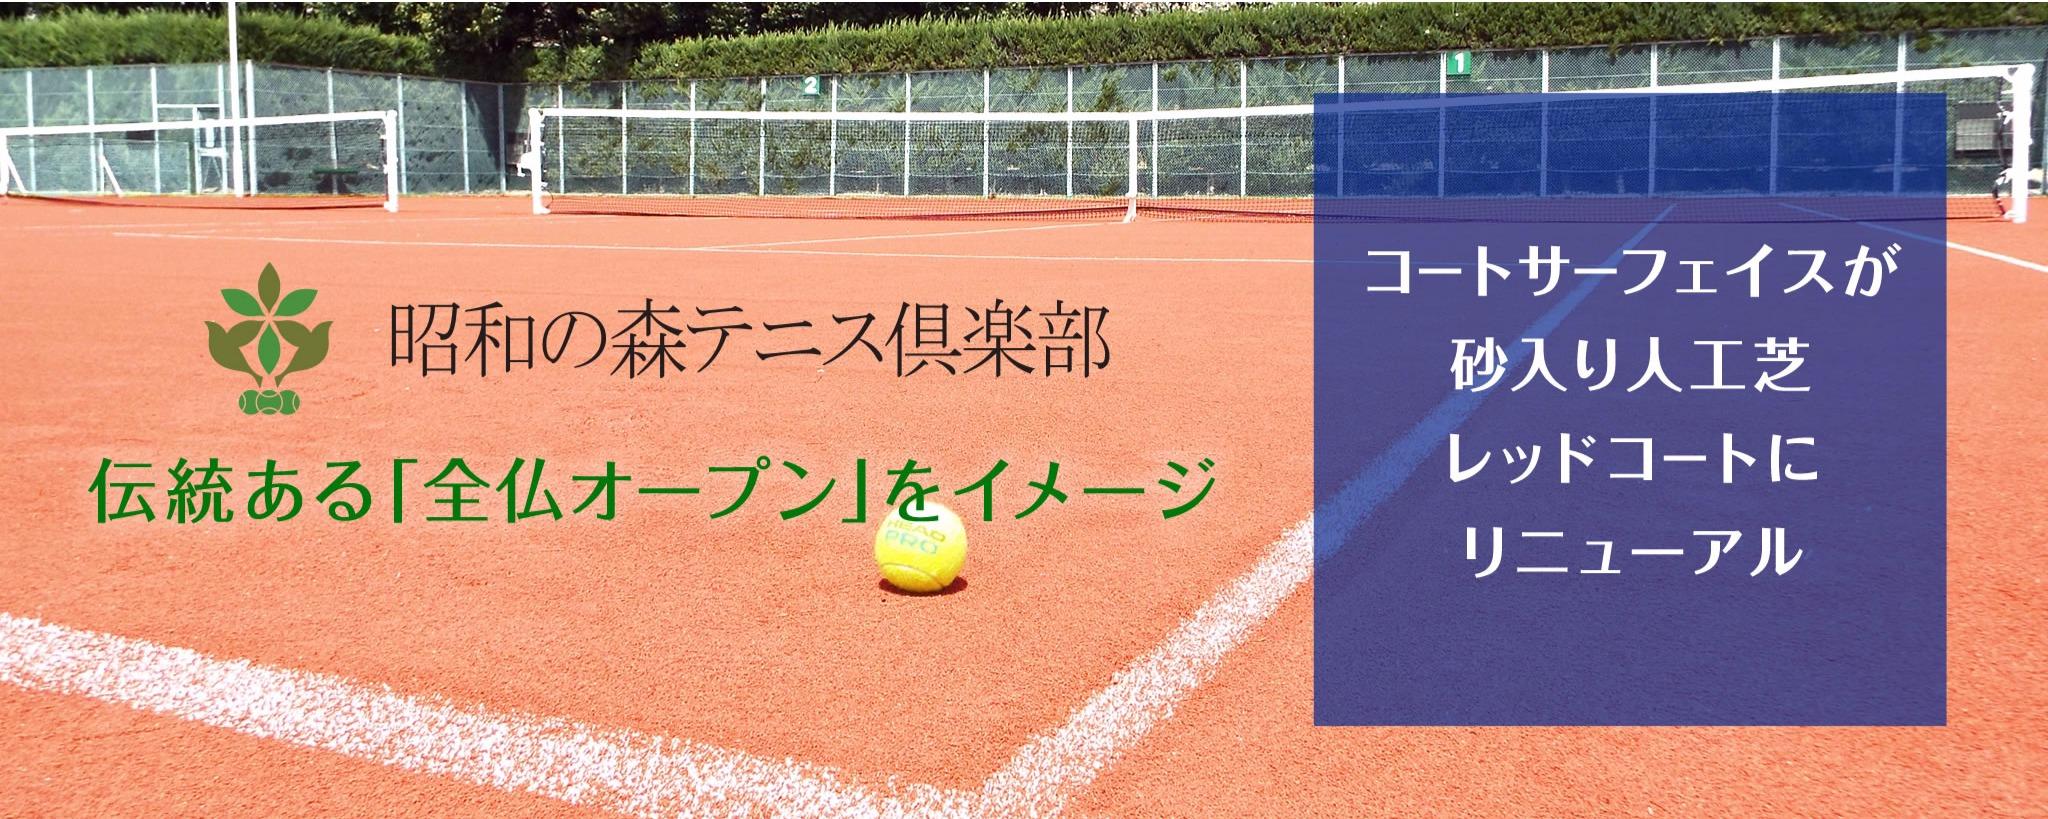 昭和の森テニス倶楽部